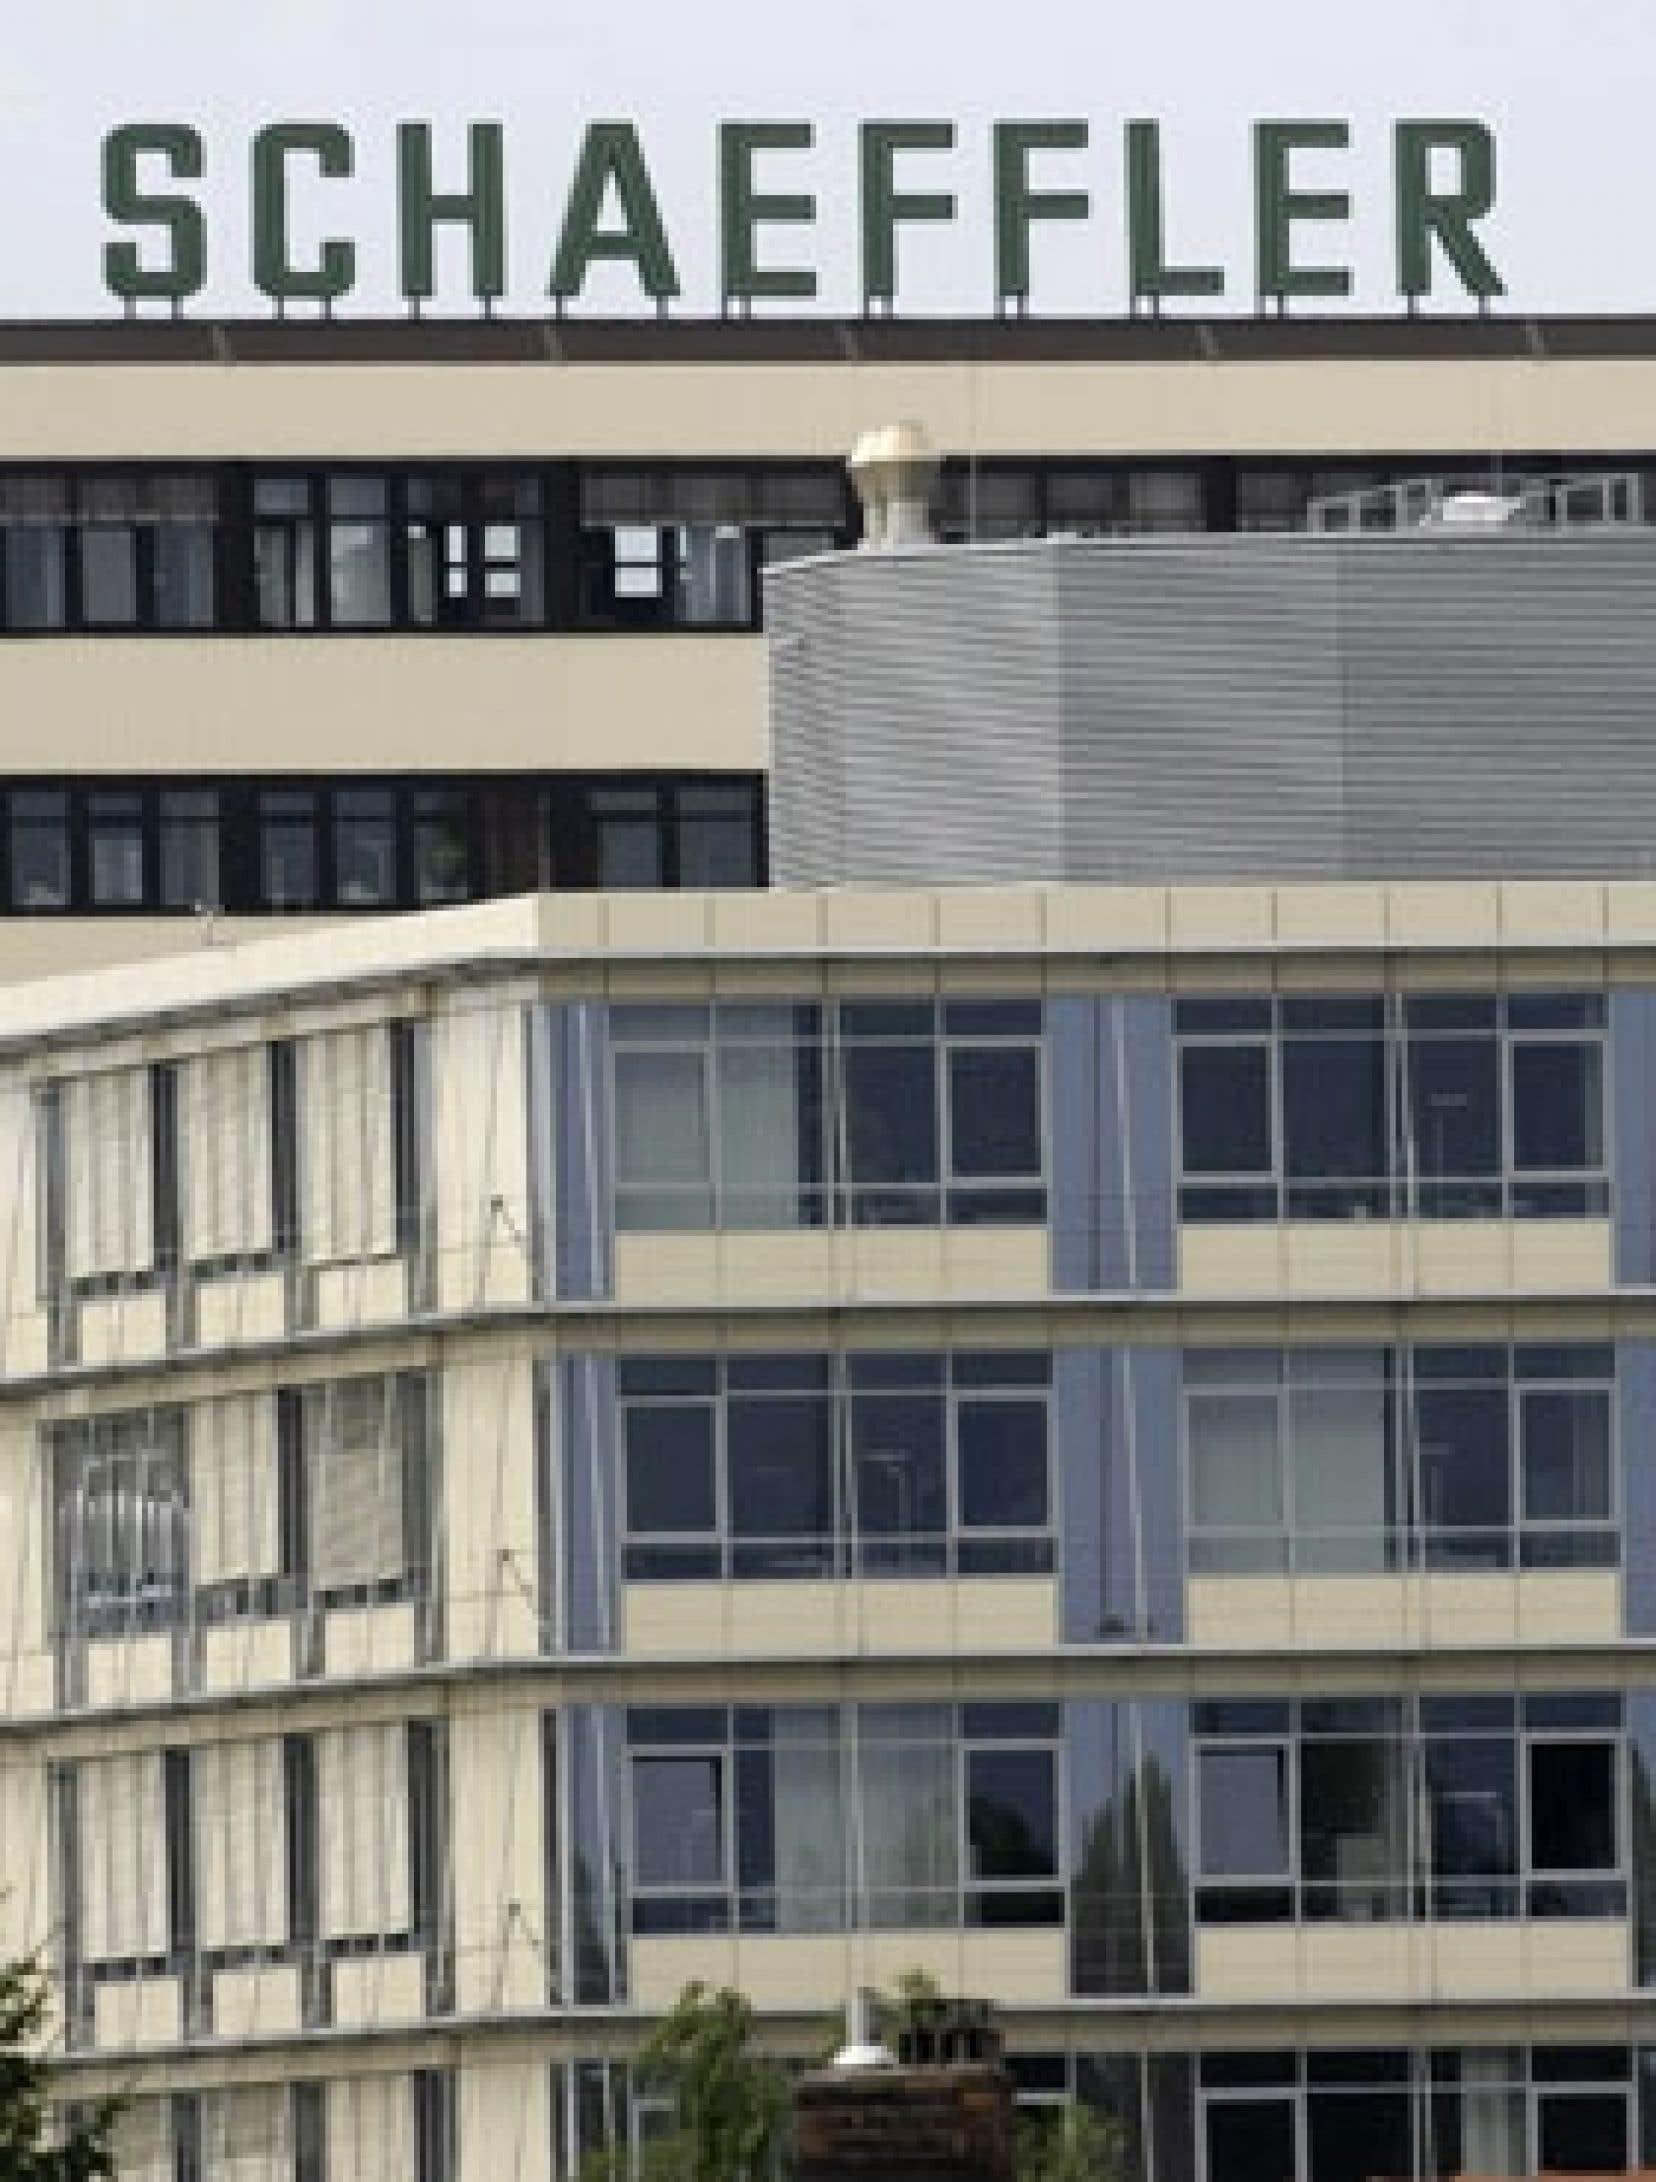 Le siège social du groupe Schaeffler est situé à Herzogenaurach, en Allemagne.